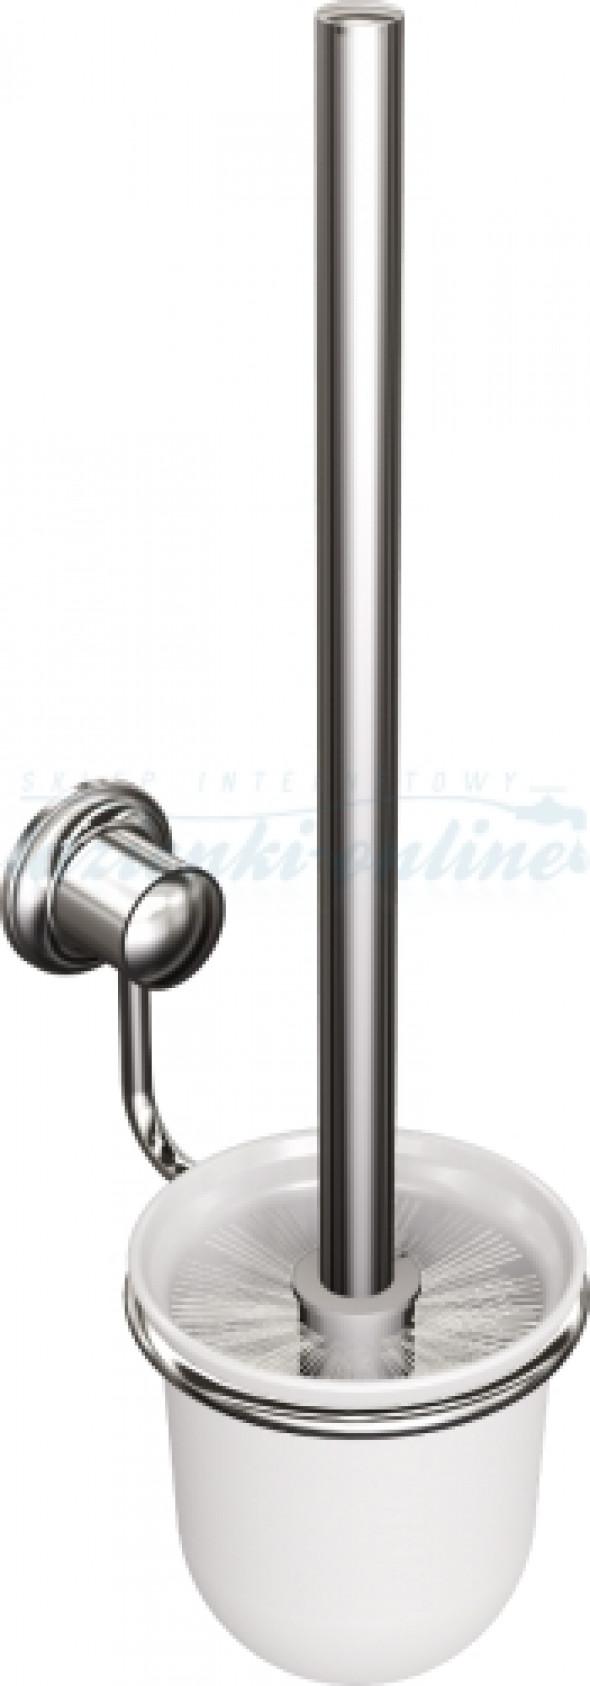 Andex Classic szczotka toaletowa, chrom 026CC